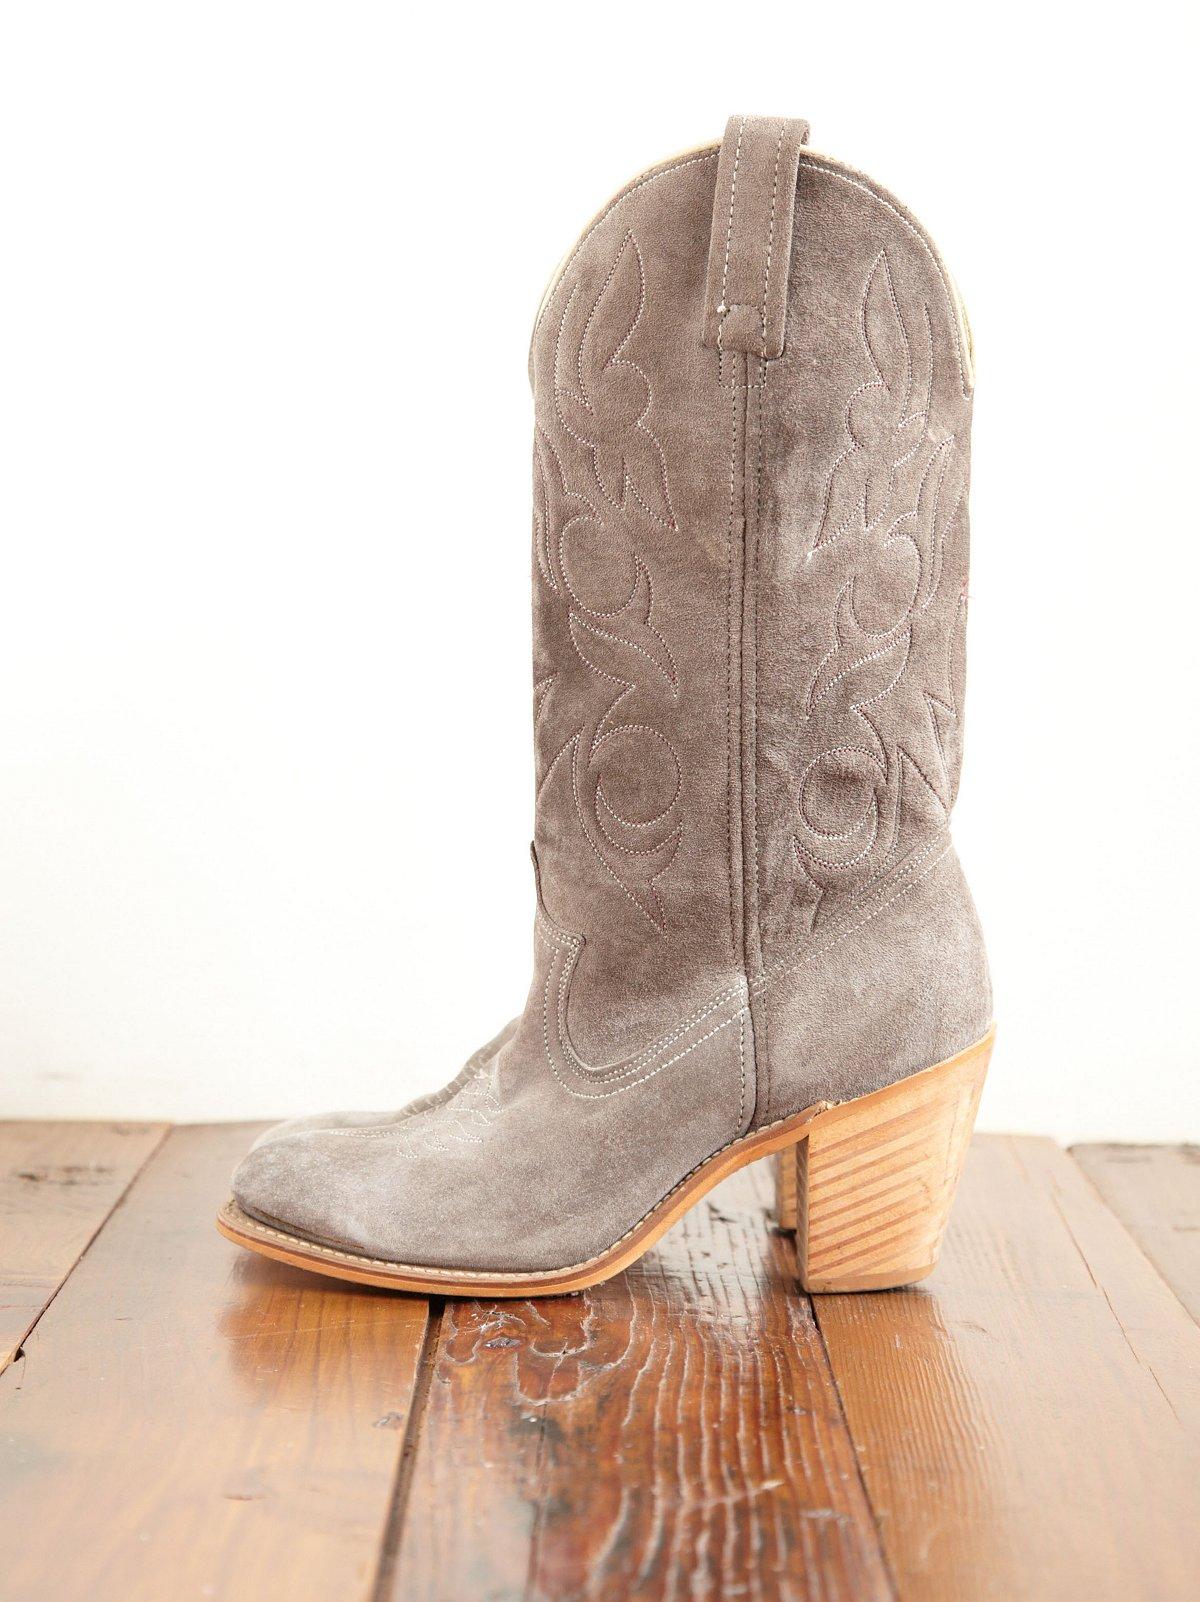 Vintage Suede Cowboy Boots